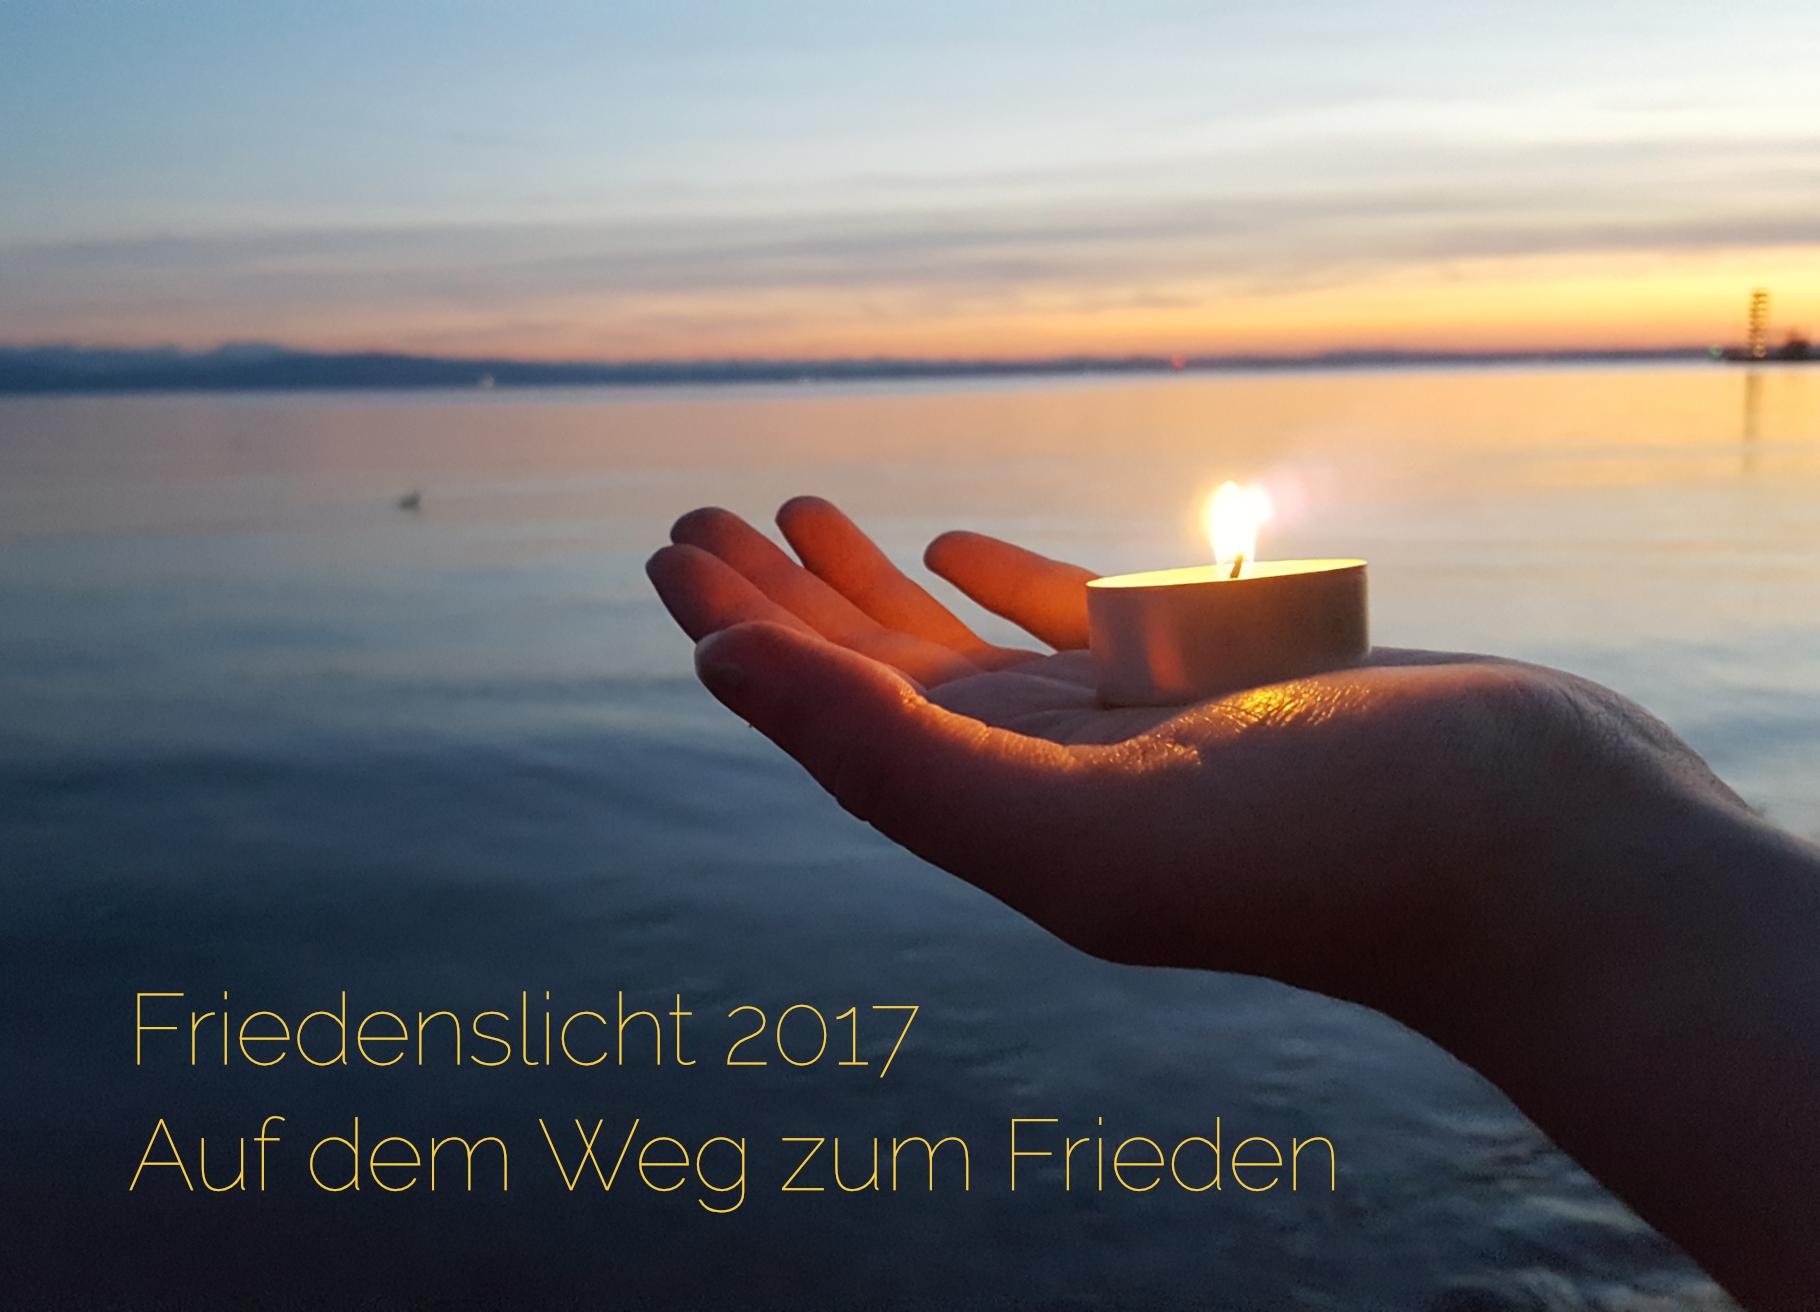 Friedenslicht 2017